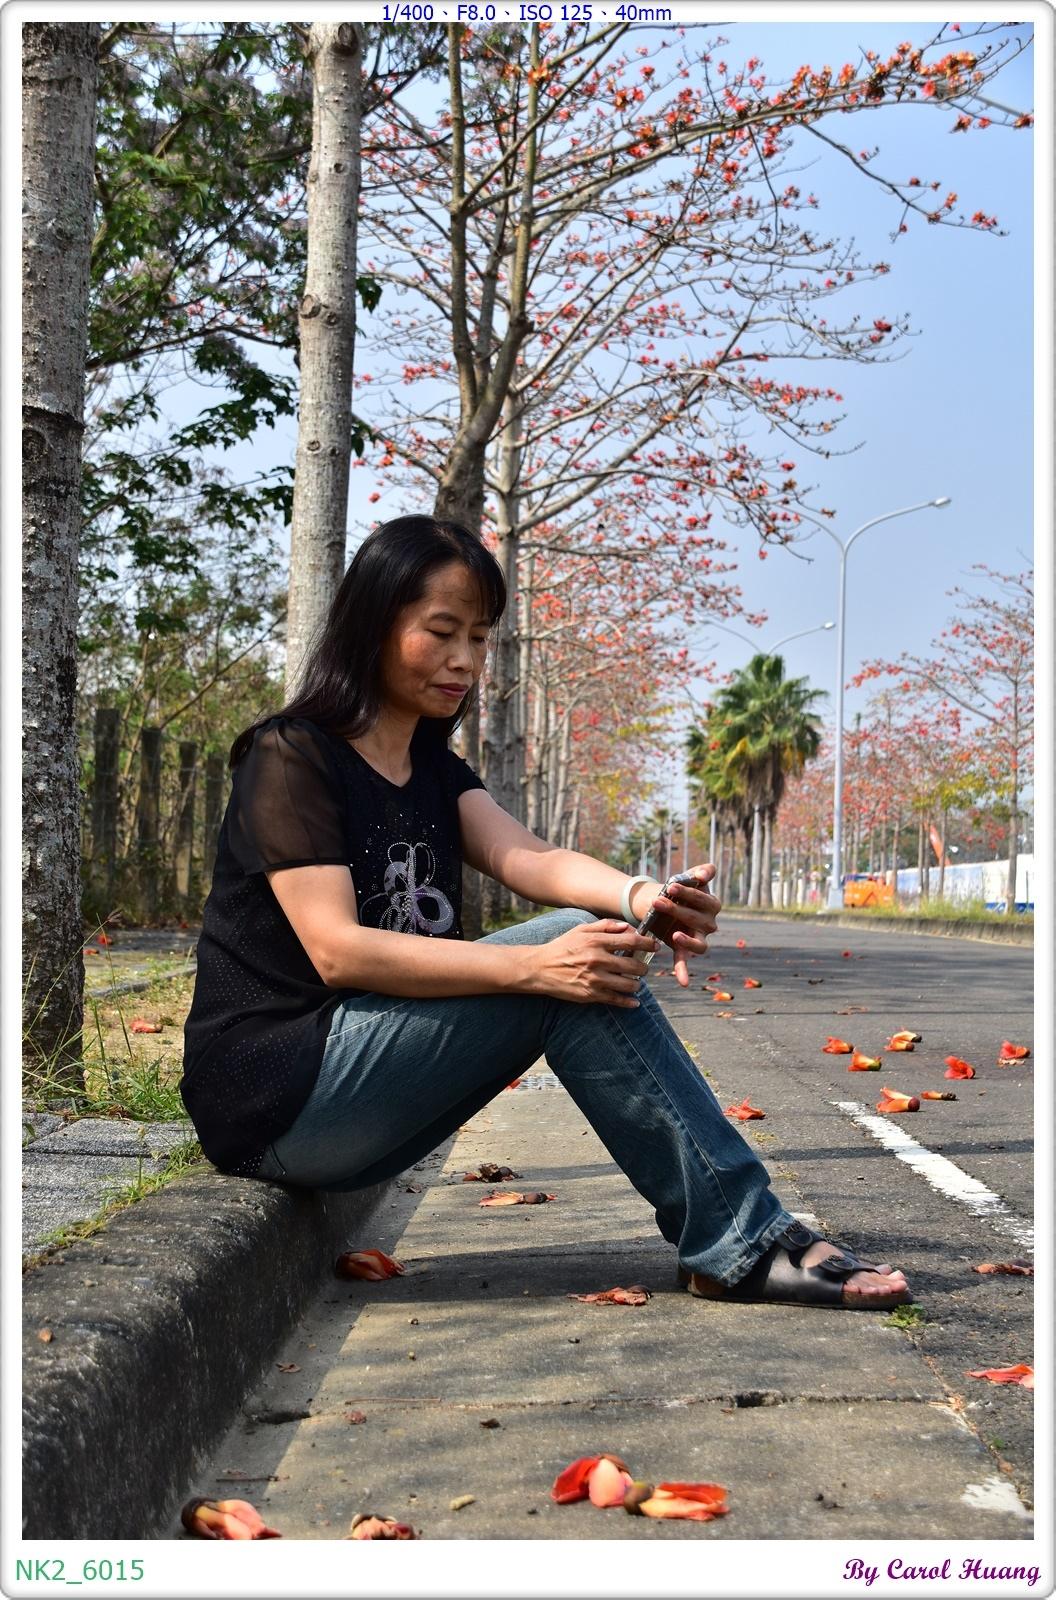 NK2_6015.JPG